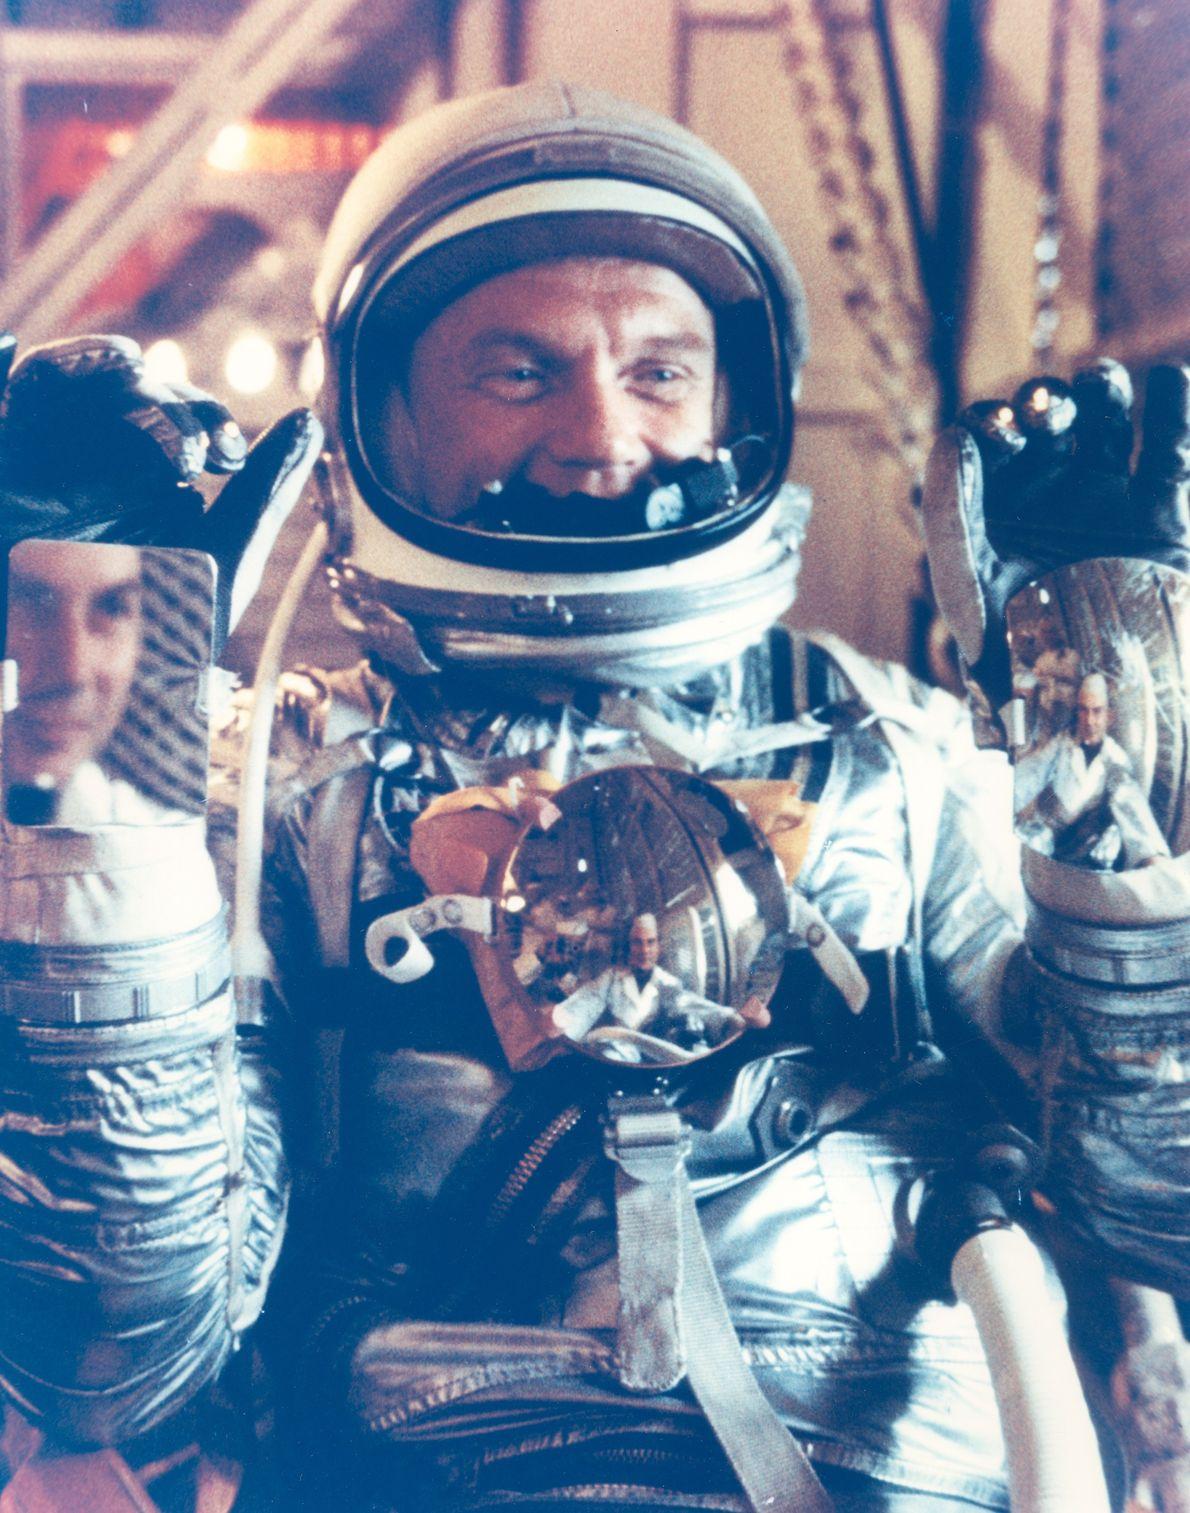 John Glenn posa com o seu fato Mercury. Os espelhos permitiam ao astronauta ver os instrumentos ...